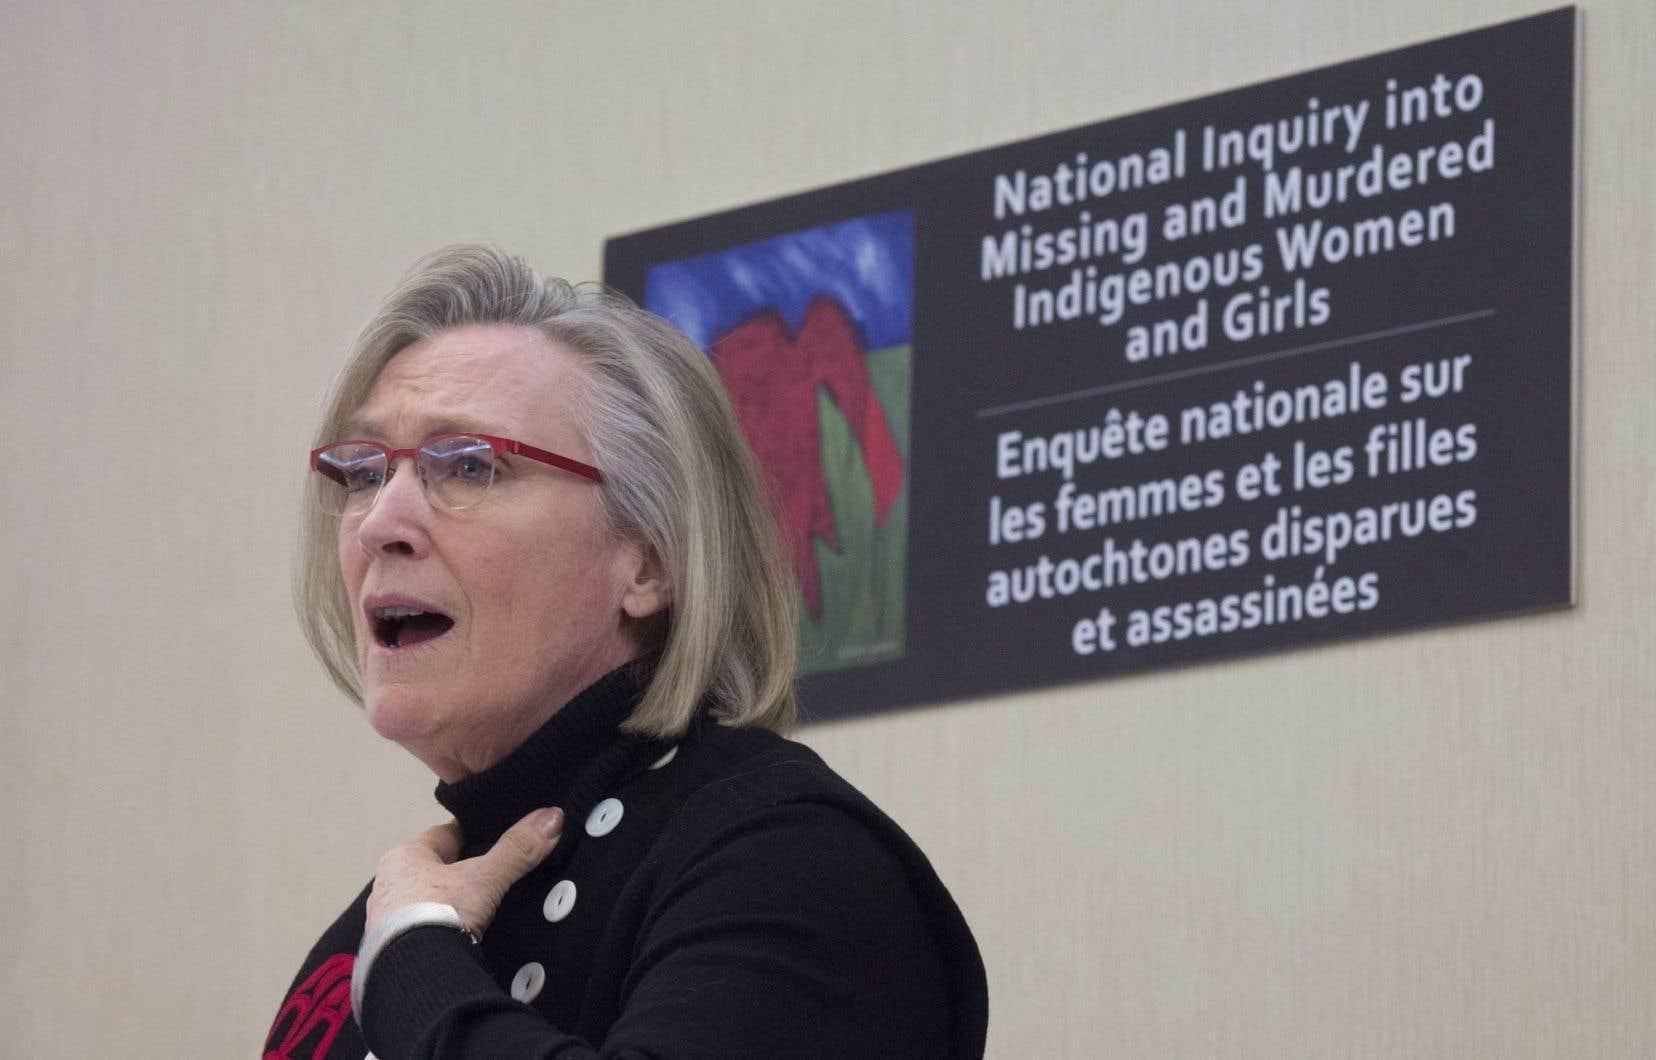 L'ampleur et la profondeur réelles de la tragédie sont plus importantes que ce que l'on croyait, a dit la ministre Carolyn Bennett.